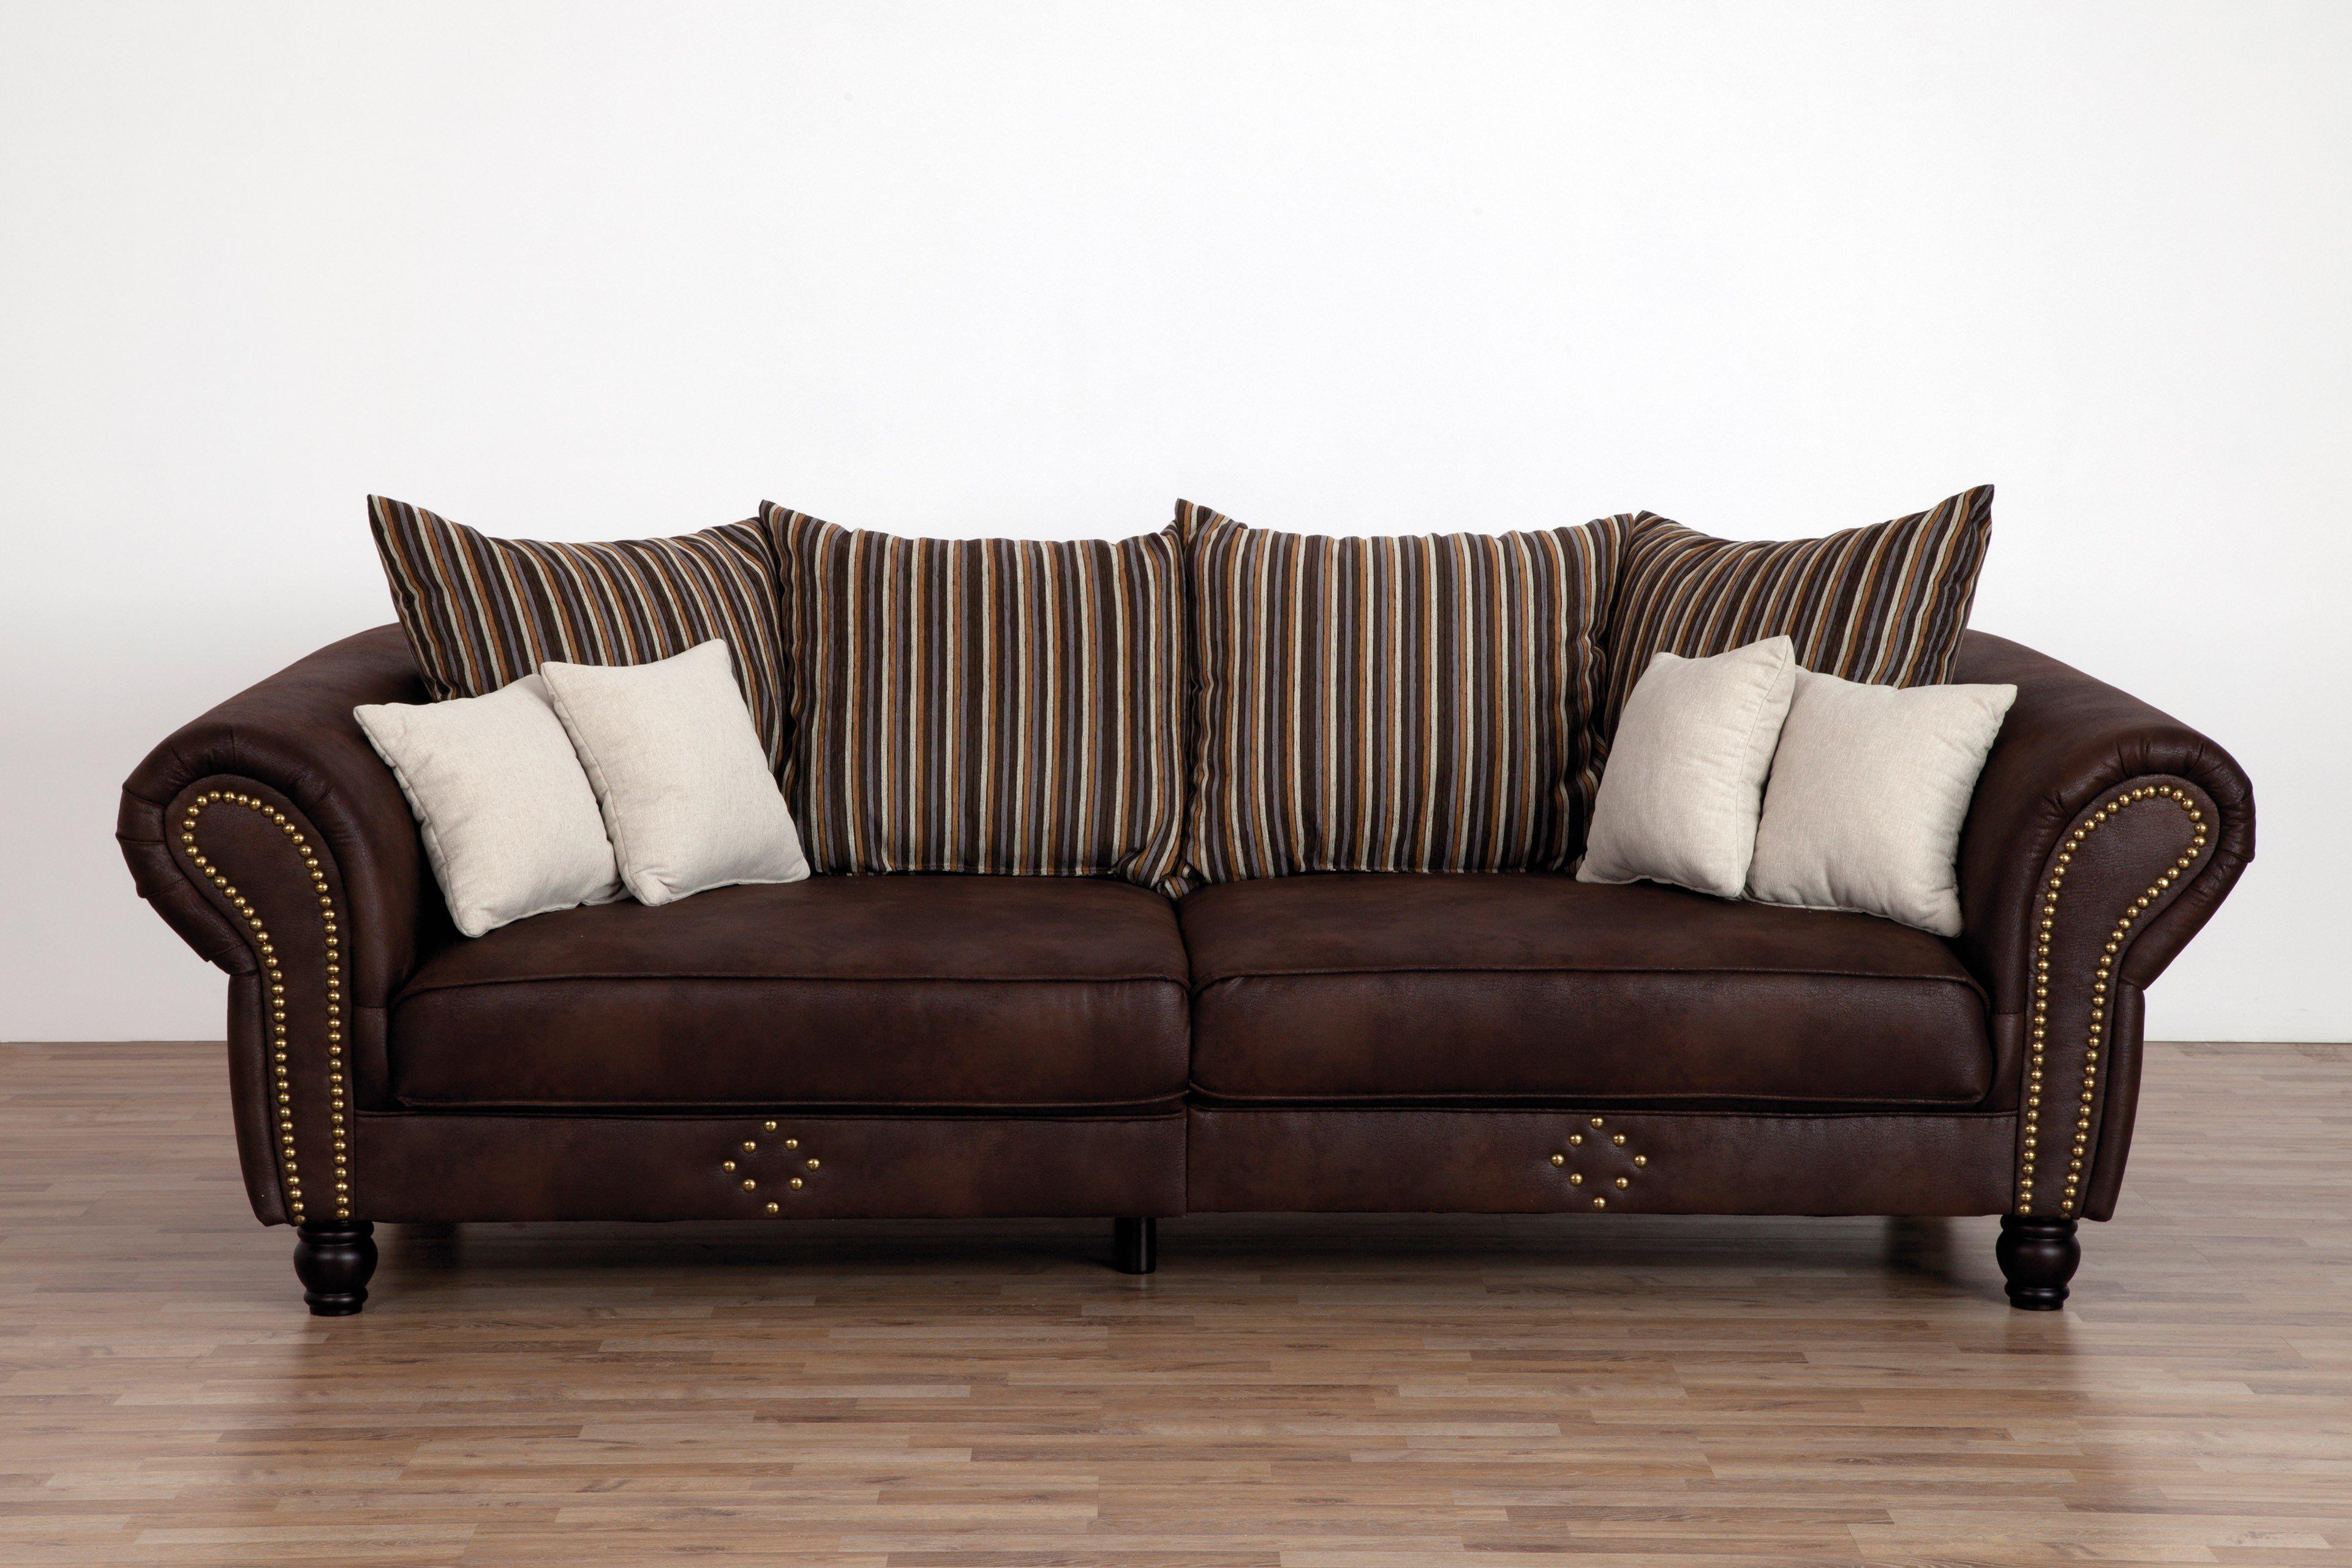 Lennox aus der Kollektion Letz - Chesterfield-Sofa braun-beige